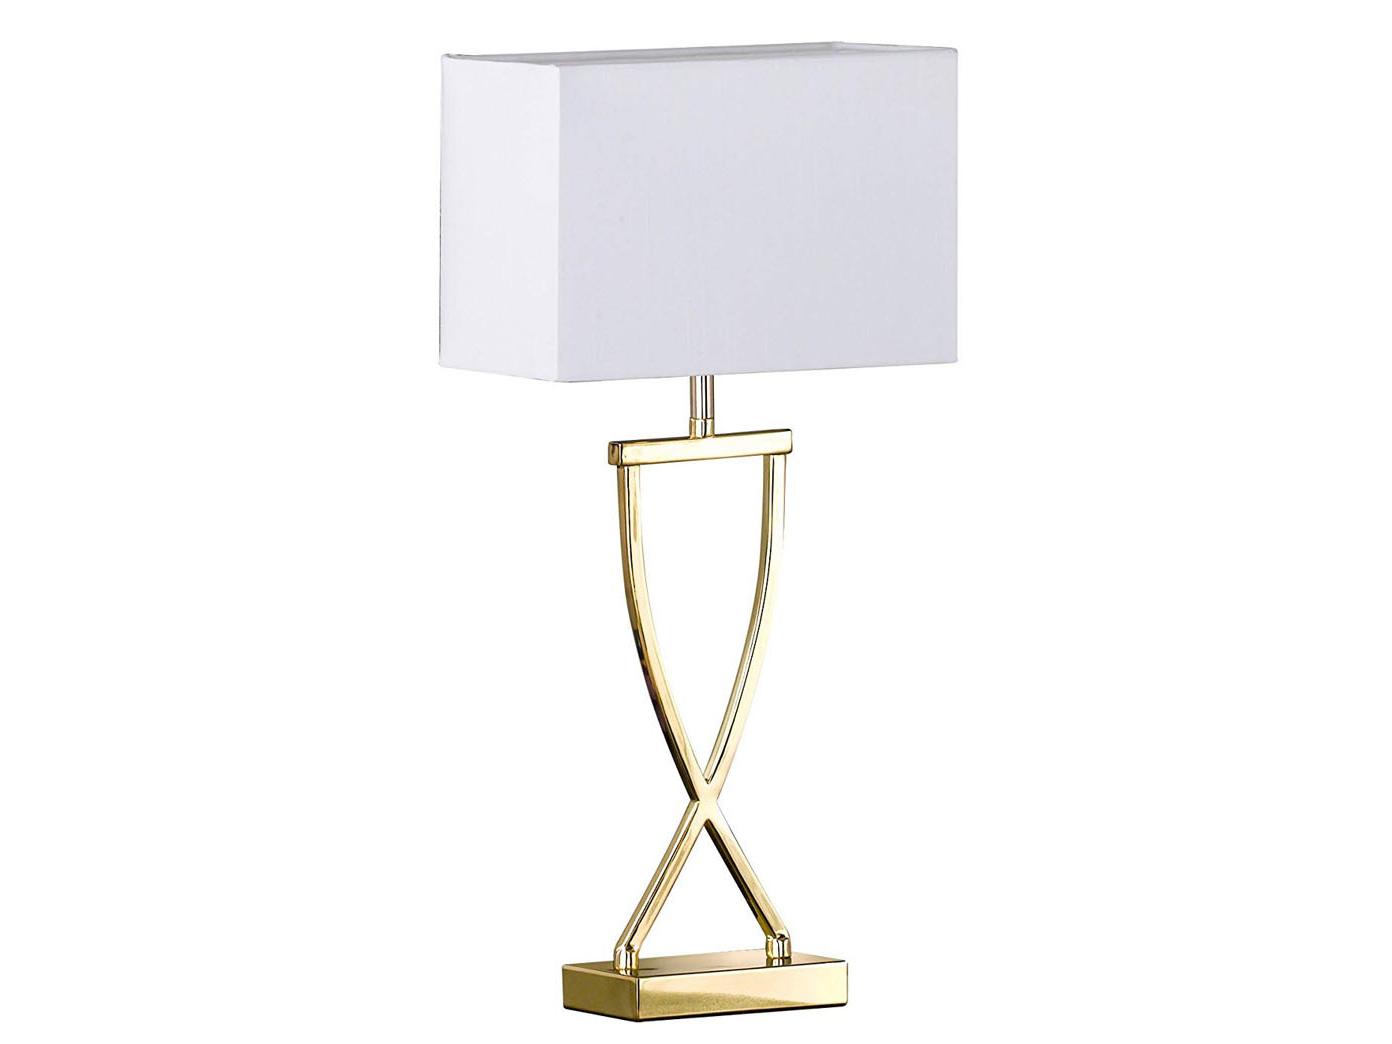 Tischleuchte mit Stoff Textil Lampenschirm Braun Nachttischlampe Stoffschirm